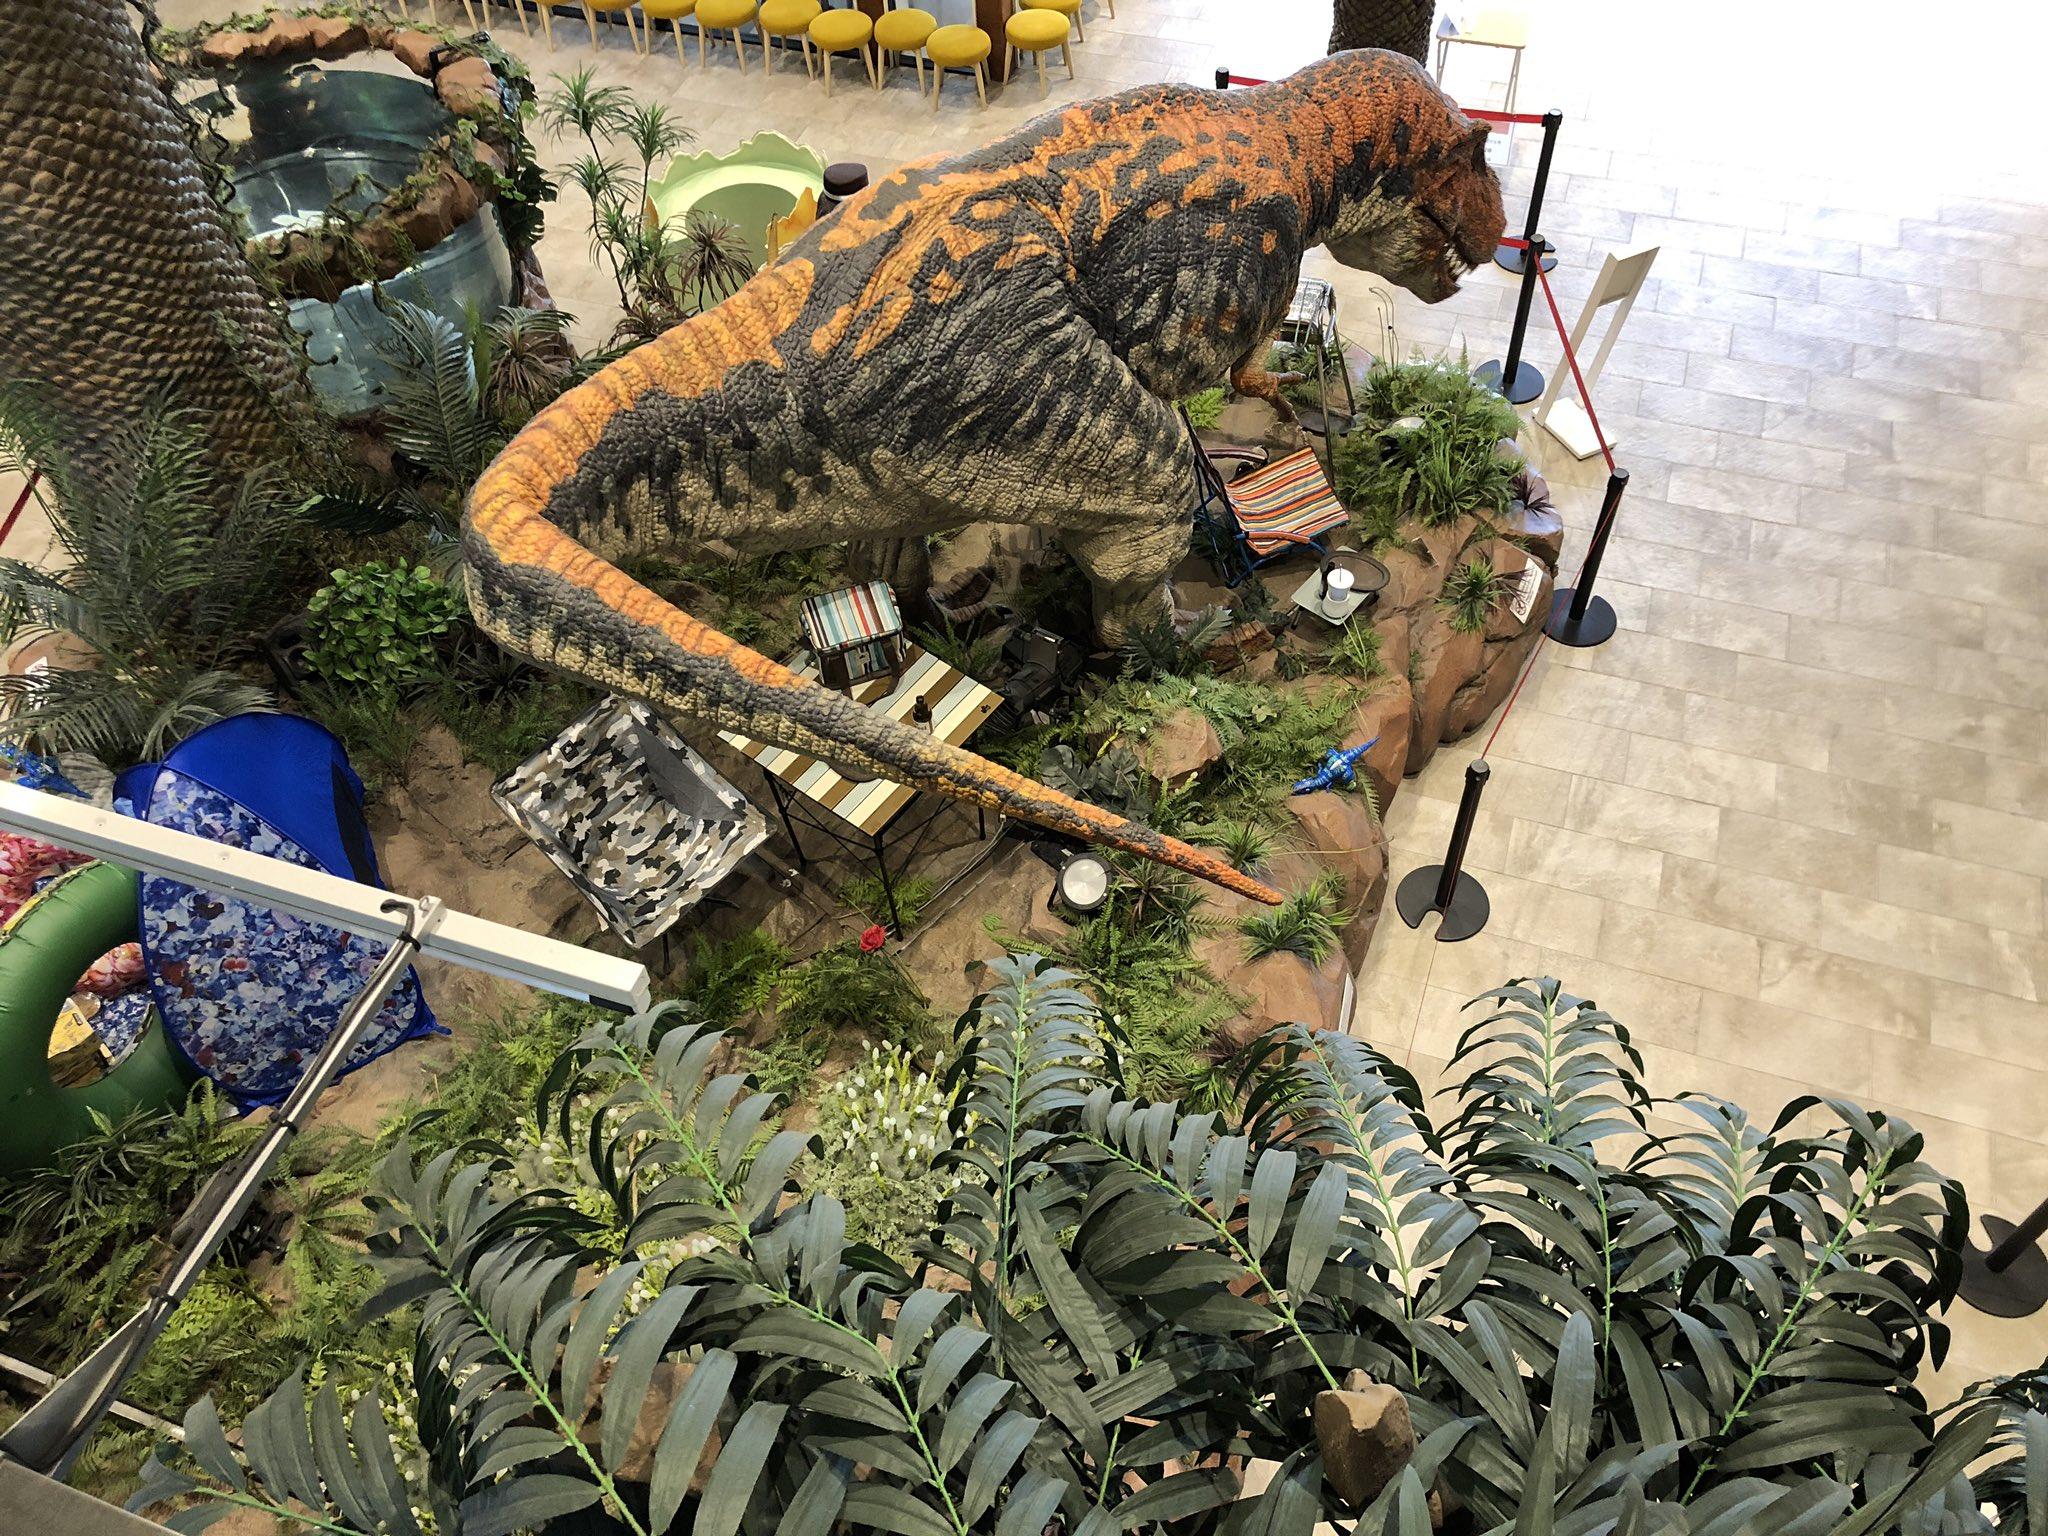 恐竜さん https://t.co/VkQUeIm657